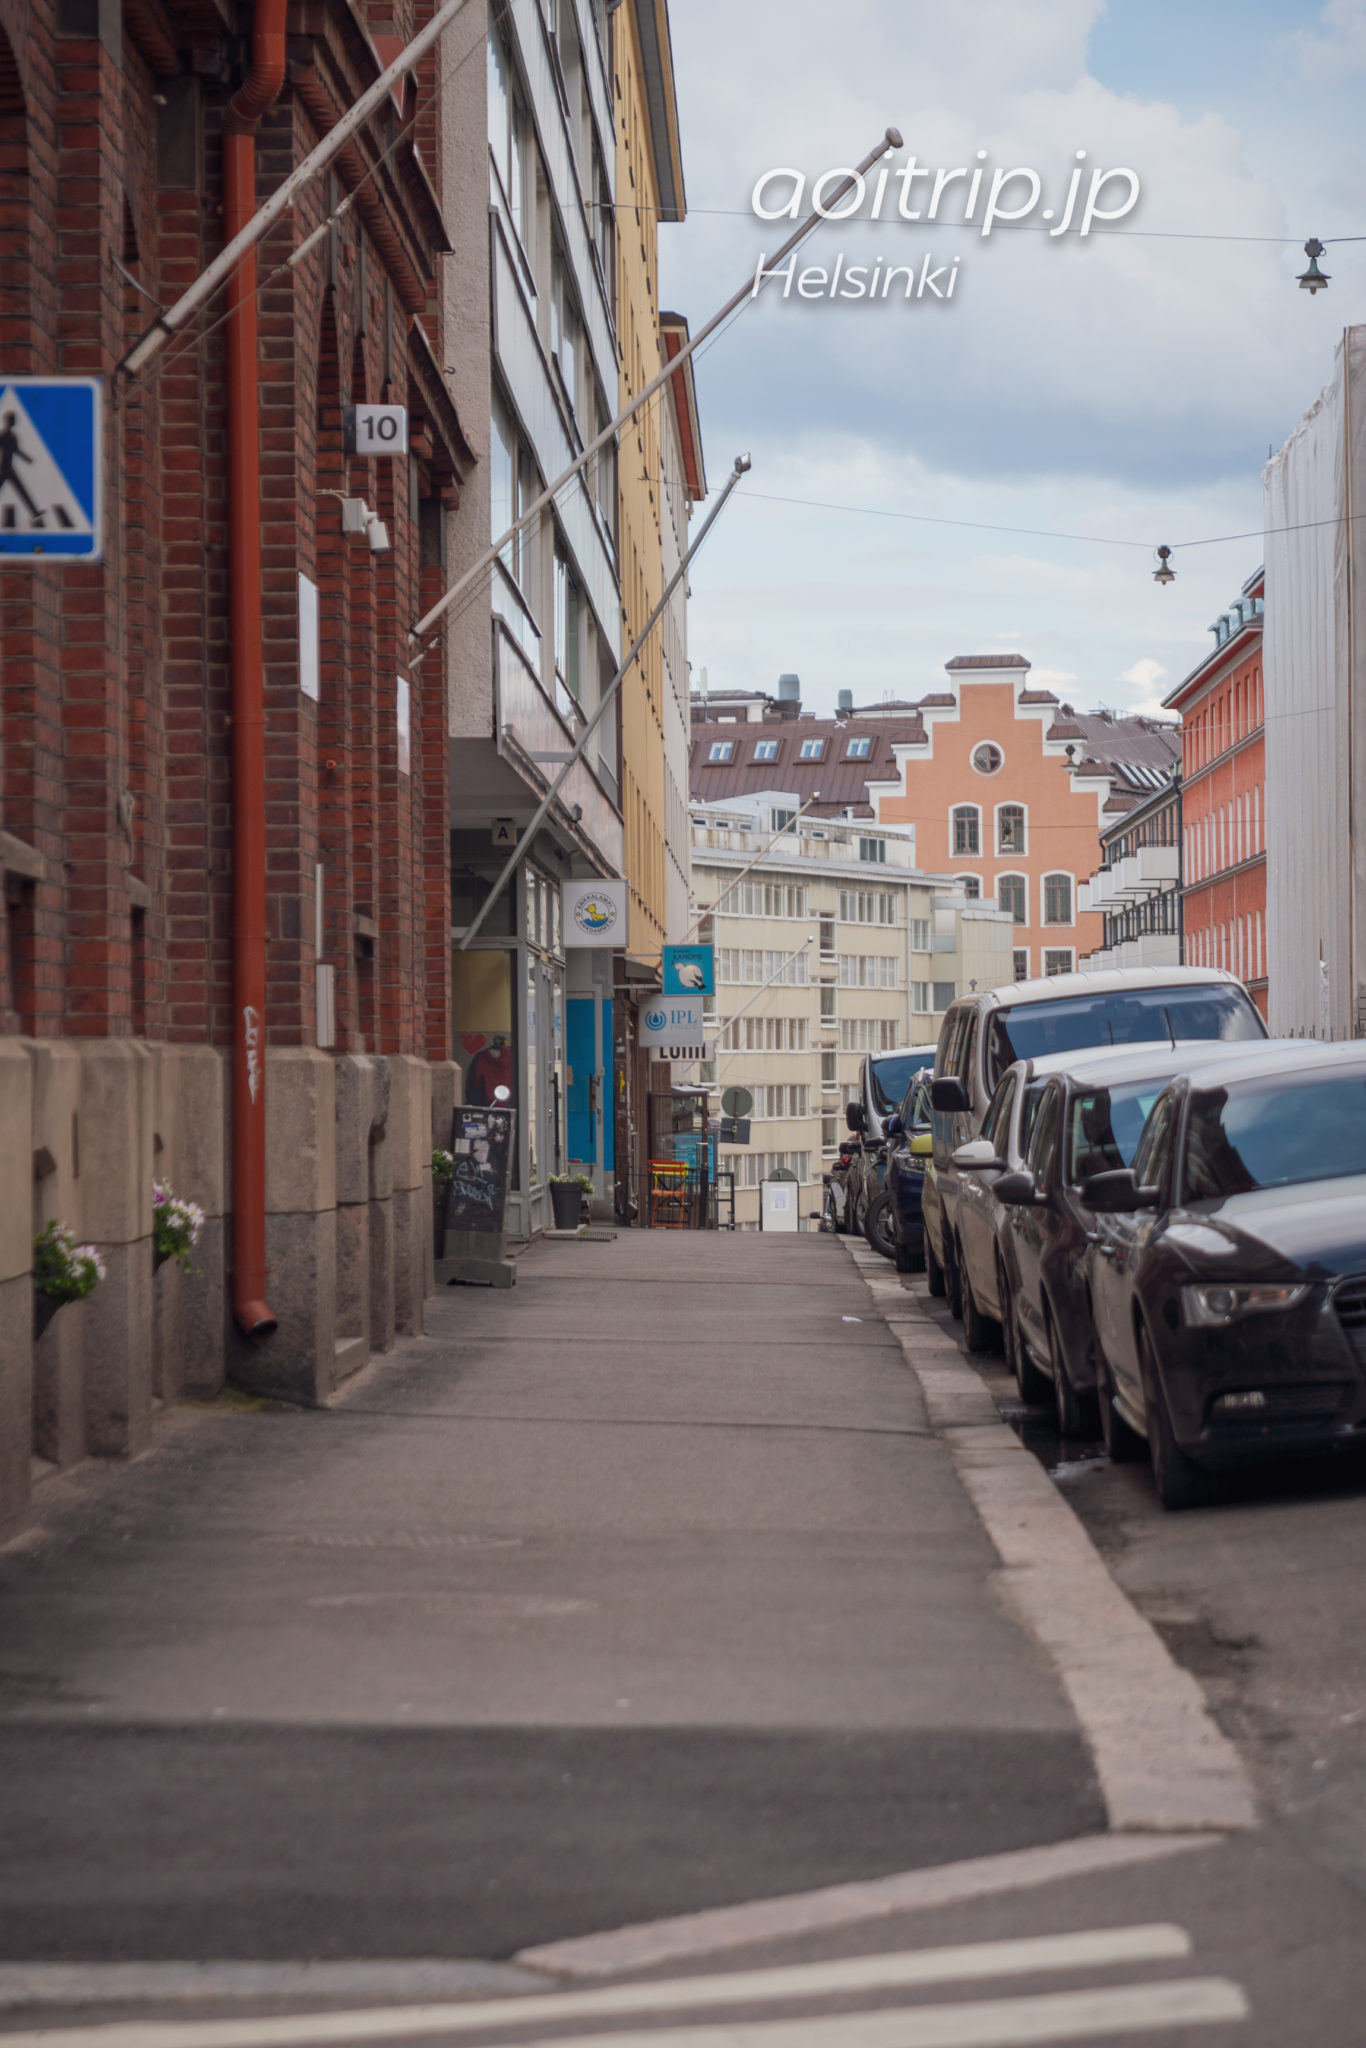 ヘルシンキかもめ食堂の通りPursimiehenkatu